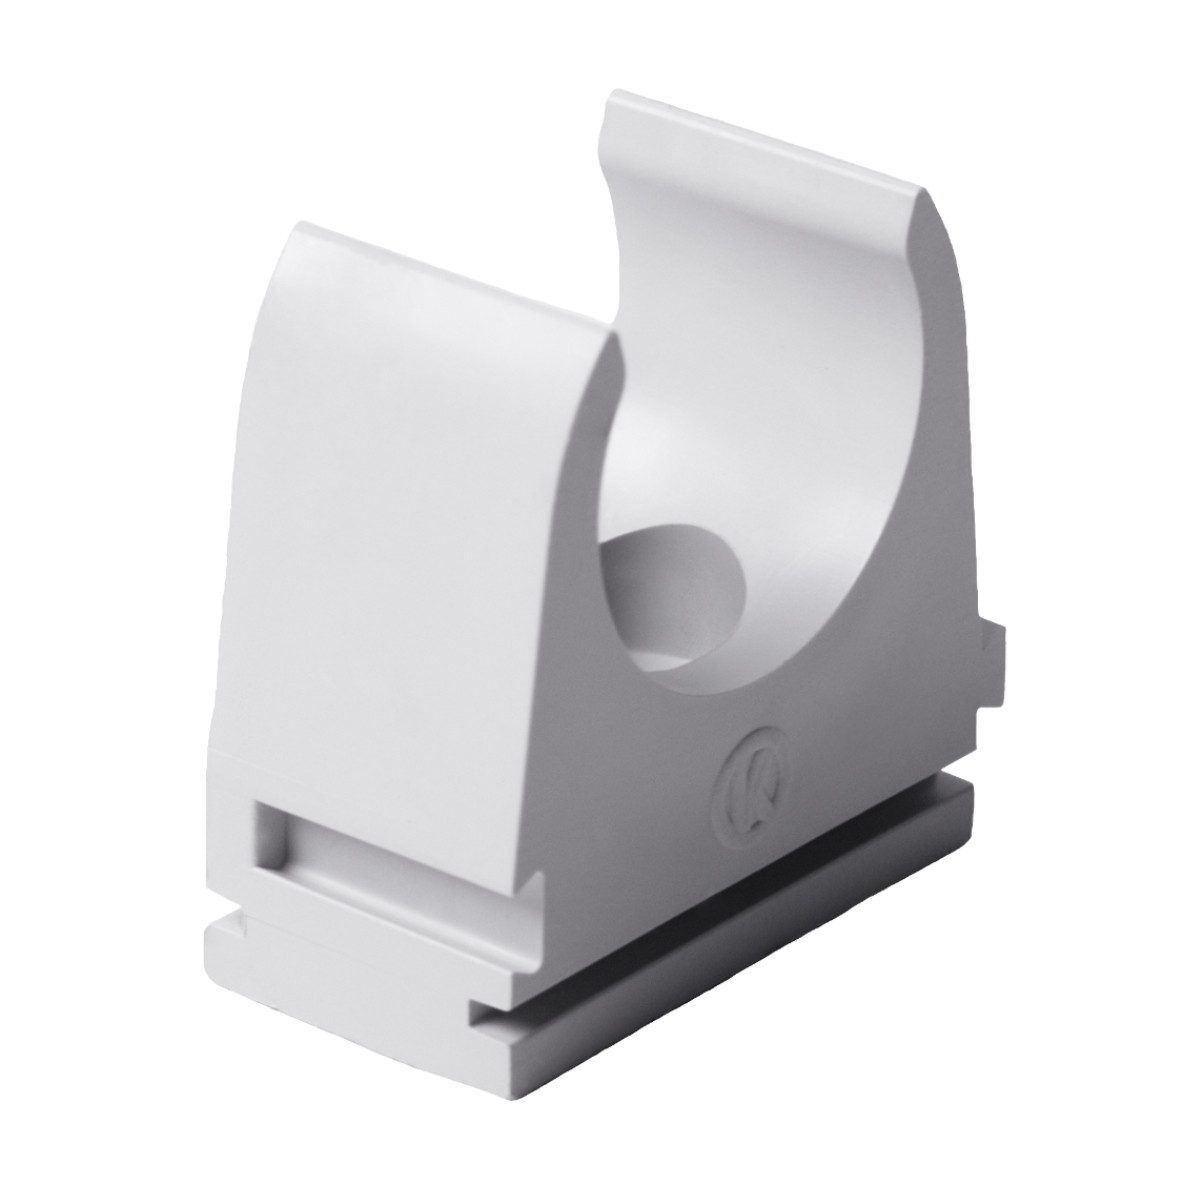 Кріплення труби 25 мм ; Ø25мм; полікарбонат; безгалогенна; t застосування -45-90 °с; світло-сіра; Упаковка 10 шт